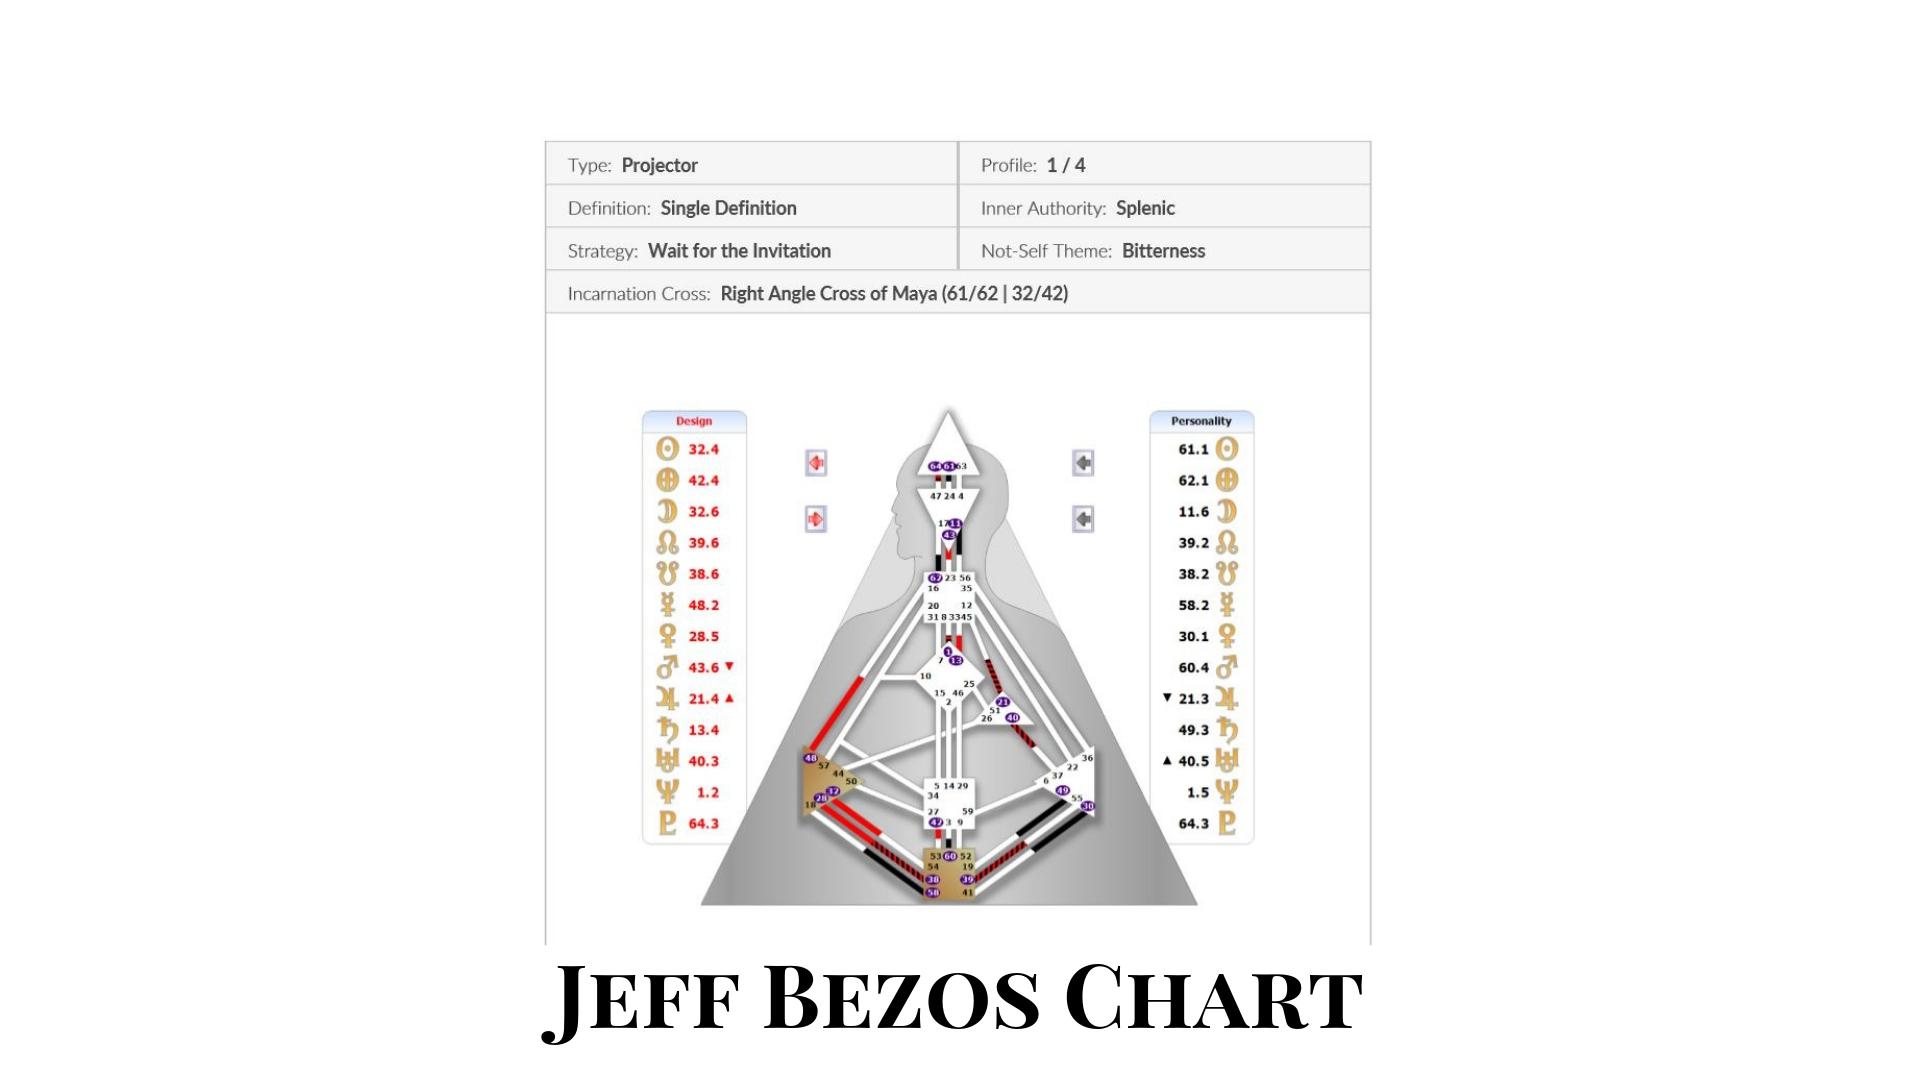 Jeff Bezos Chart.jpg